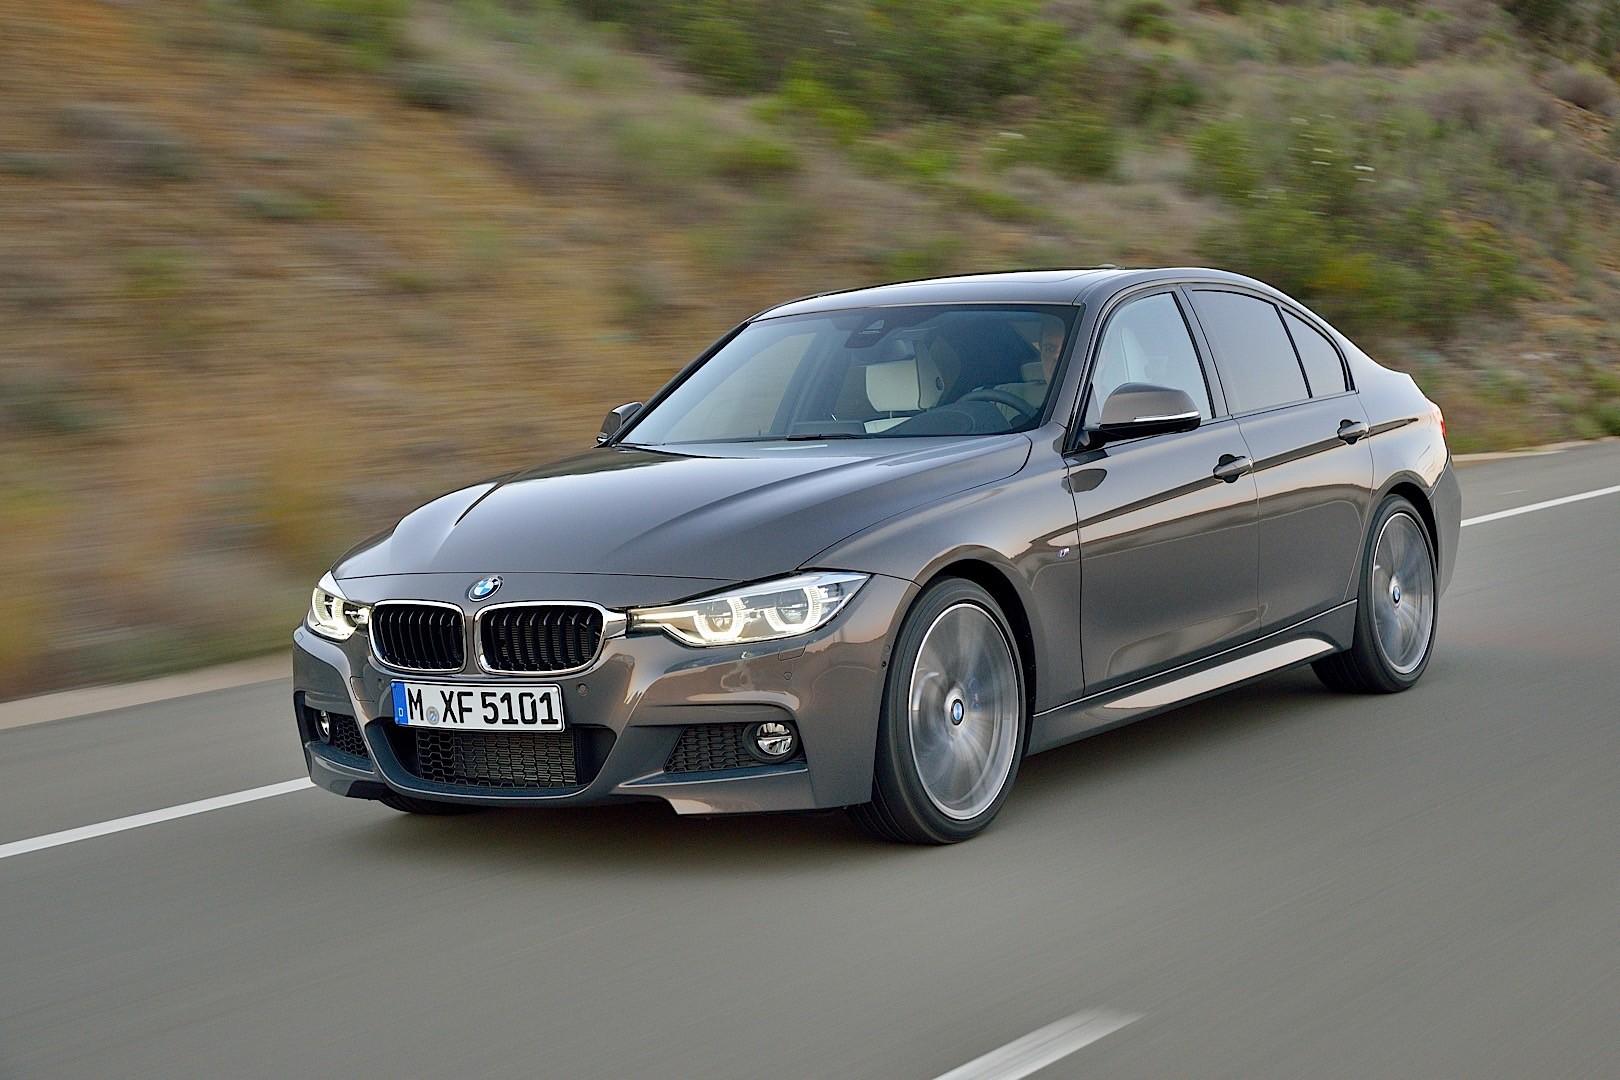 BMW 3 Series Seadan F30 LCI 5431 24